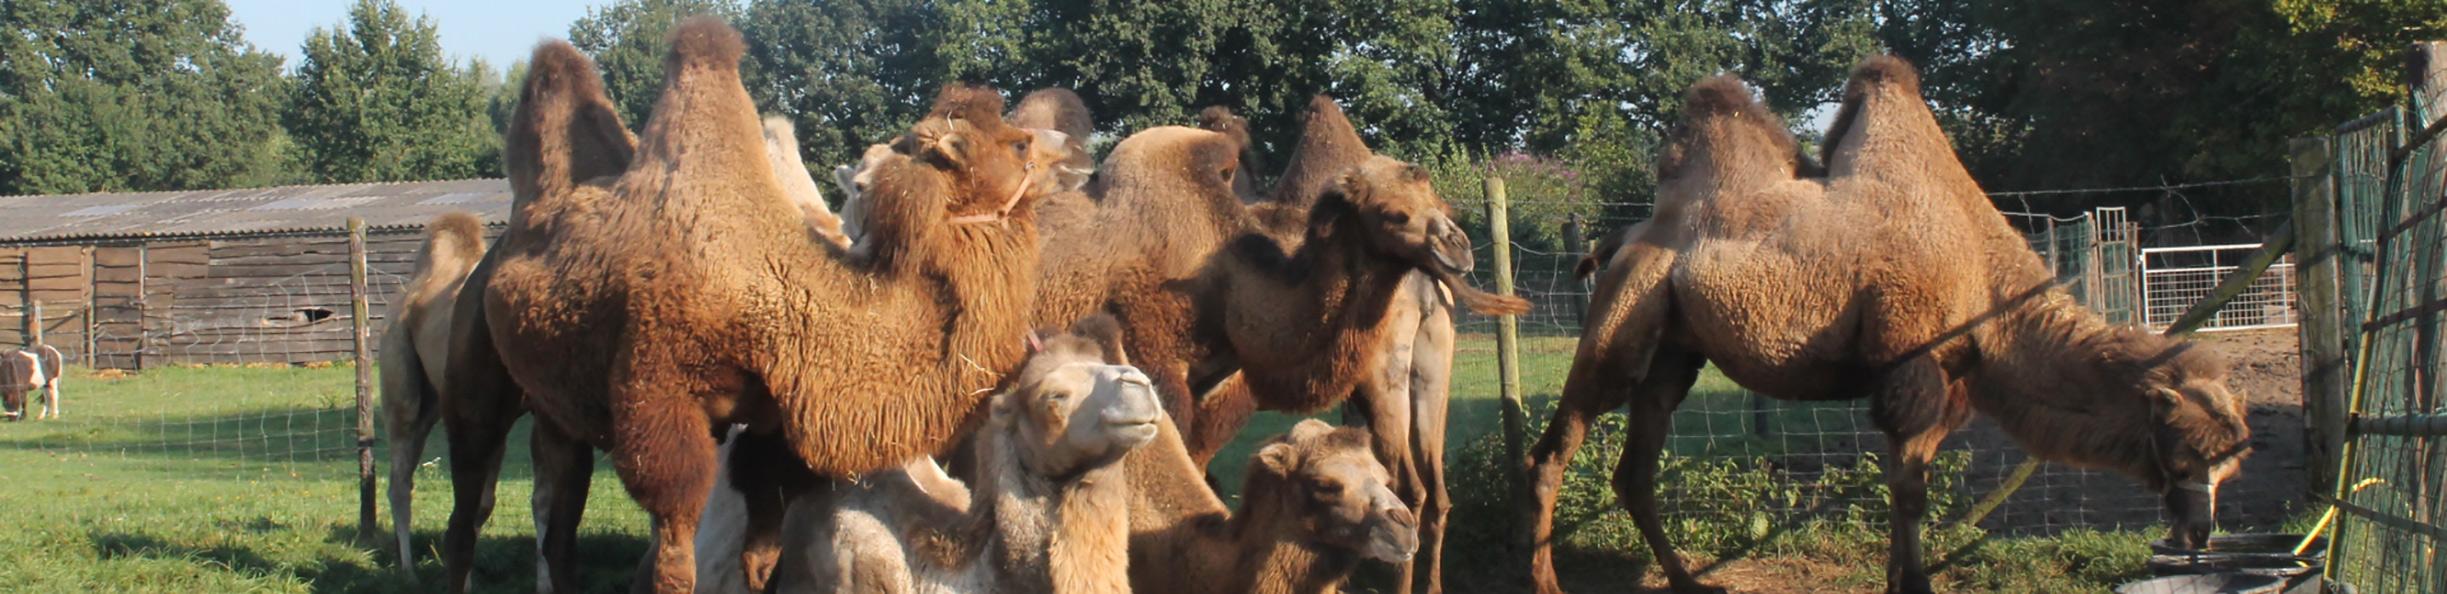 http://www.echtekamelen.nl/uploads/images/header/standaard.jpg